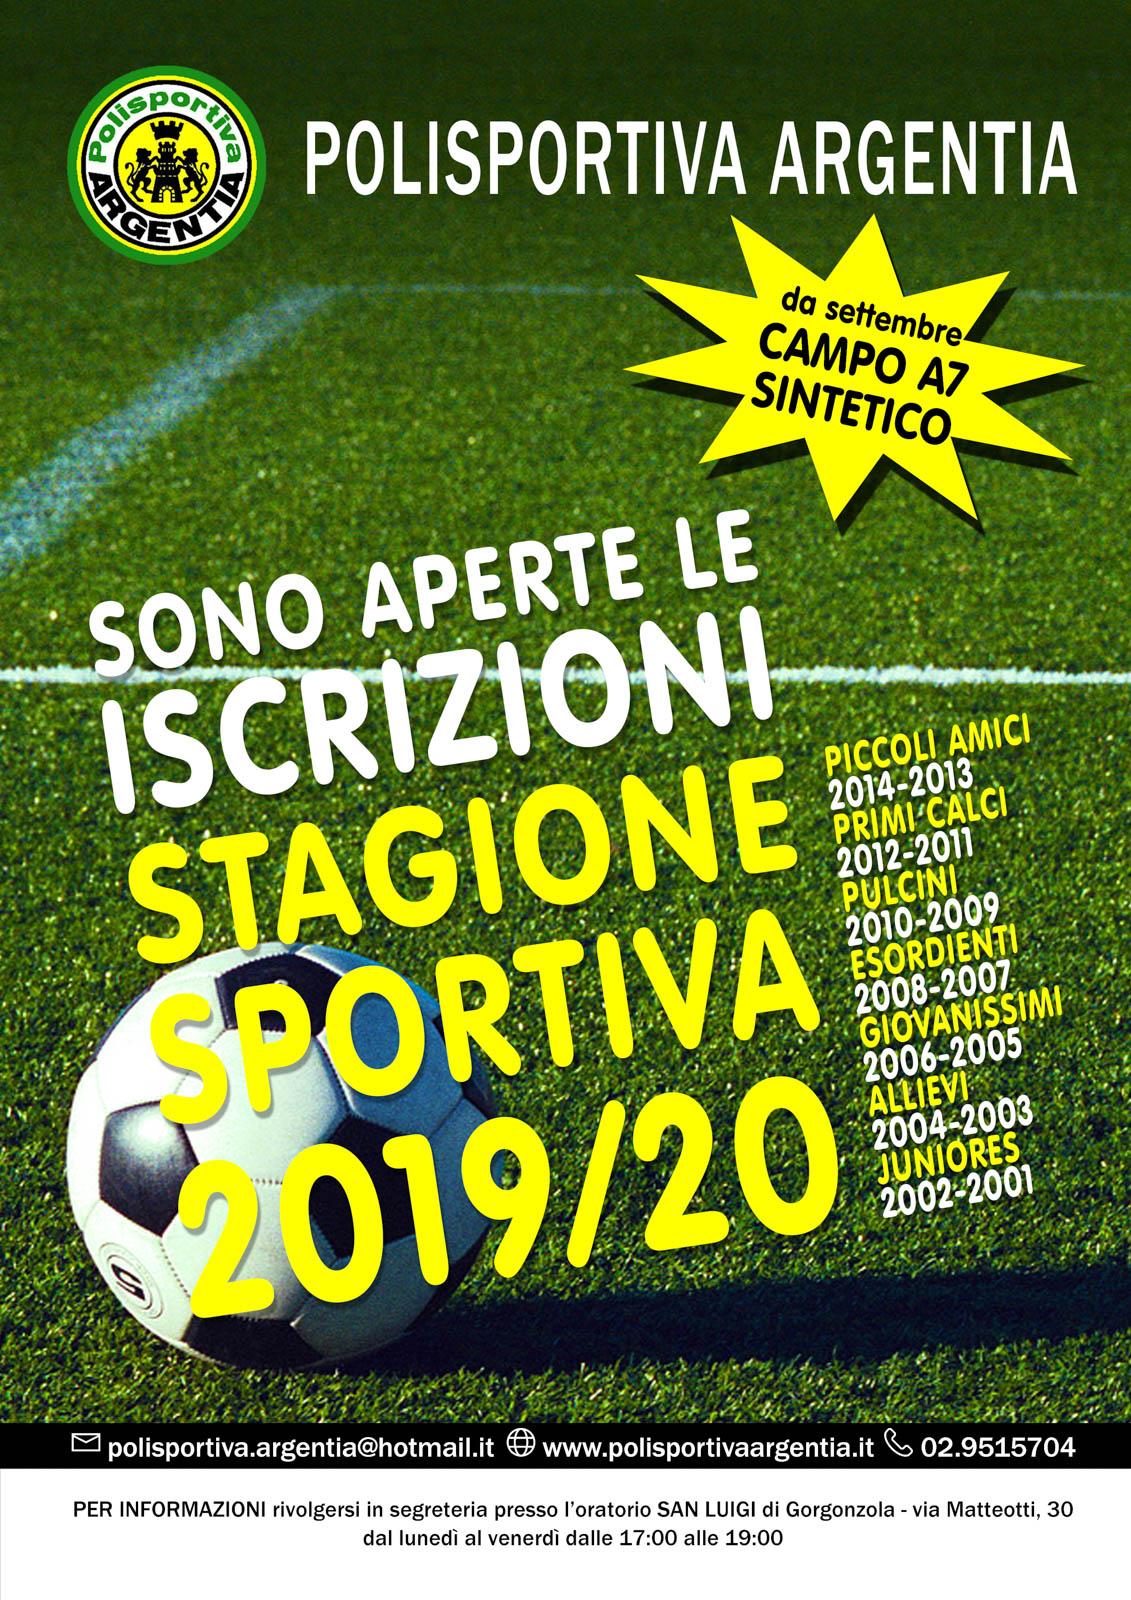 Calendario Esordienti 2020.A S D Polisportiva Argentia Calendari